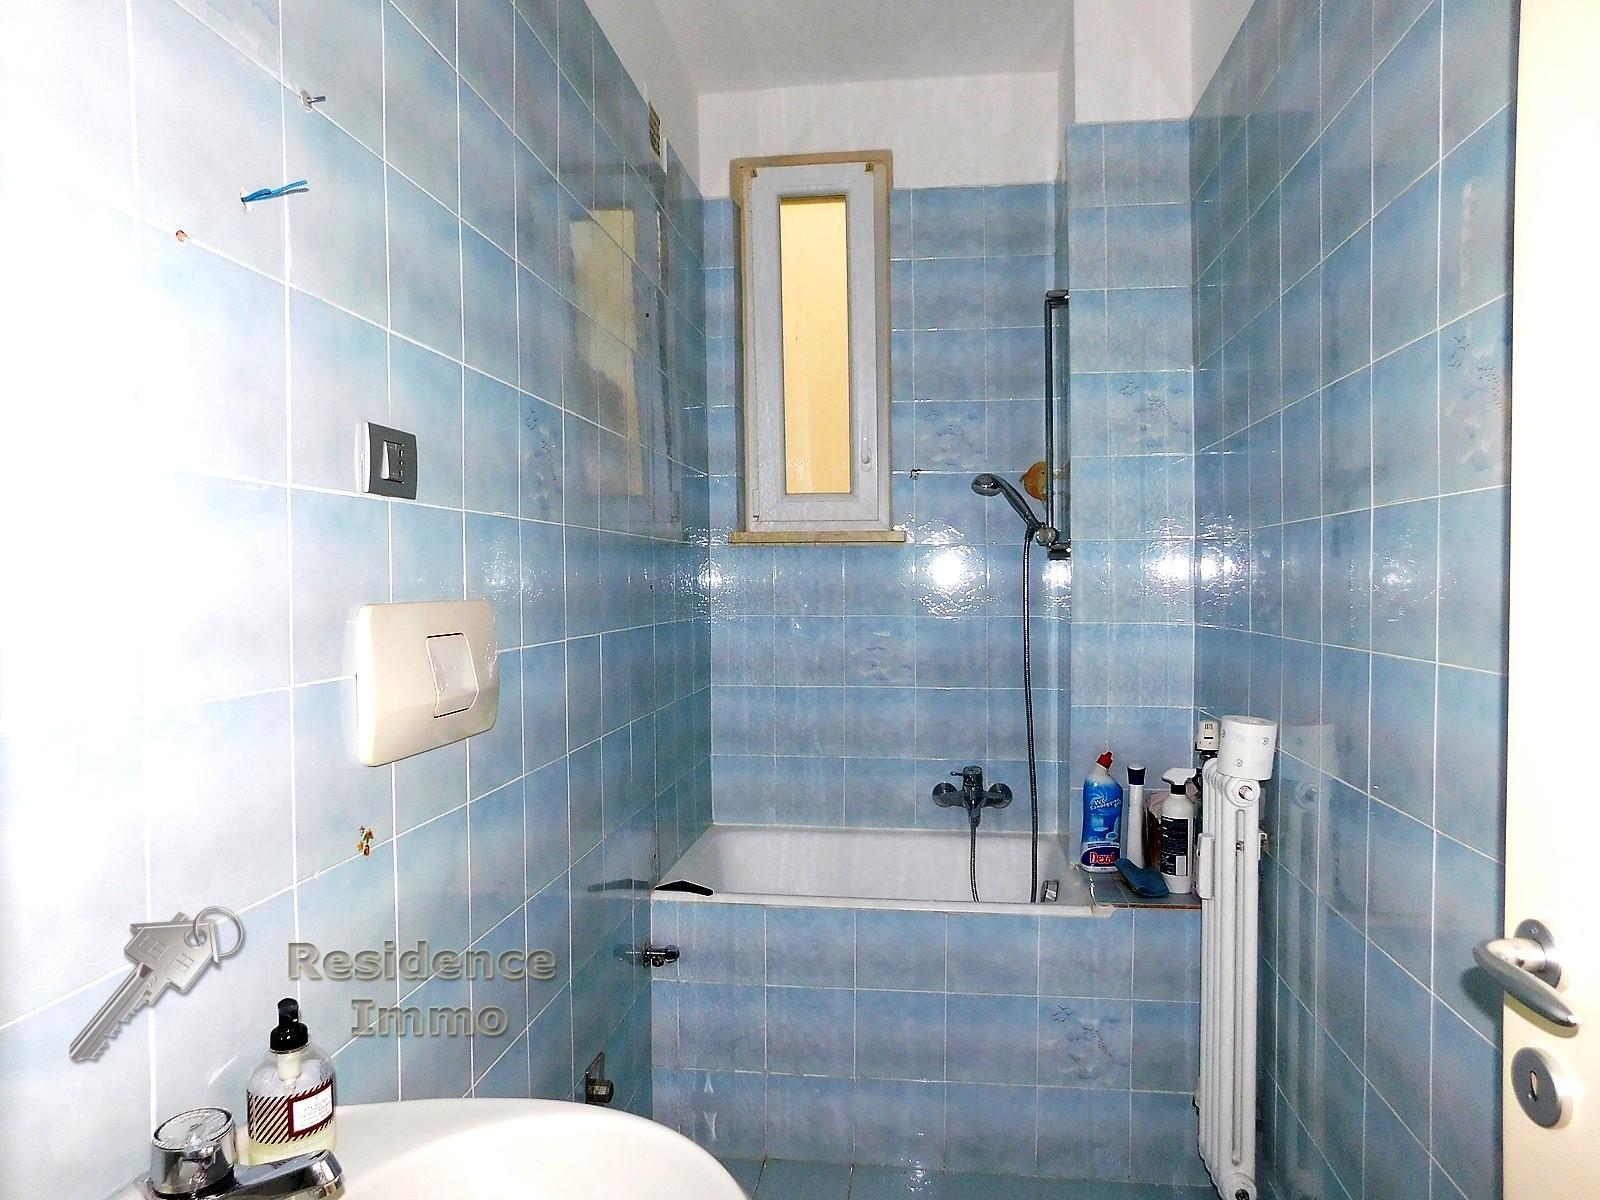 Appartamento in vendita a bolzano bozen cod 2364 for Subito it bolzano arredamento